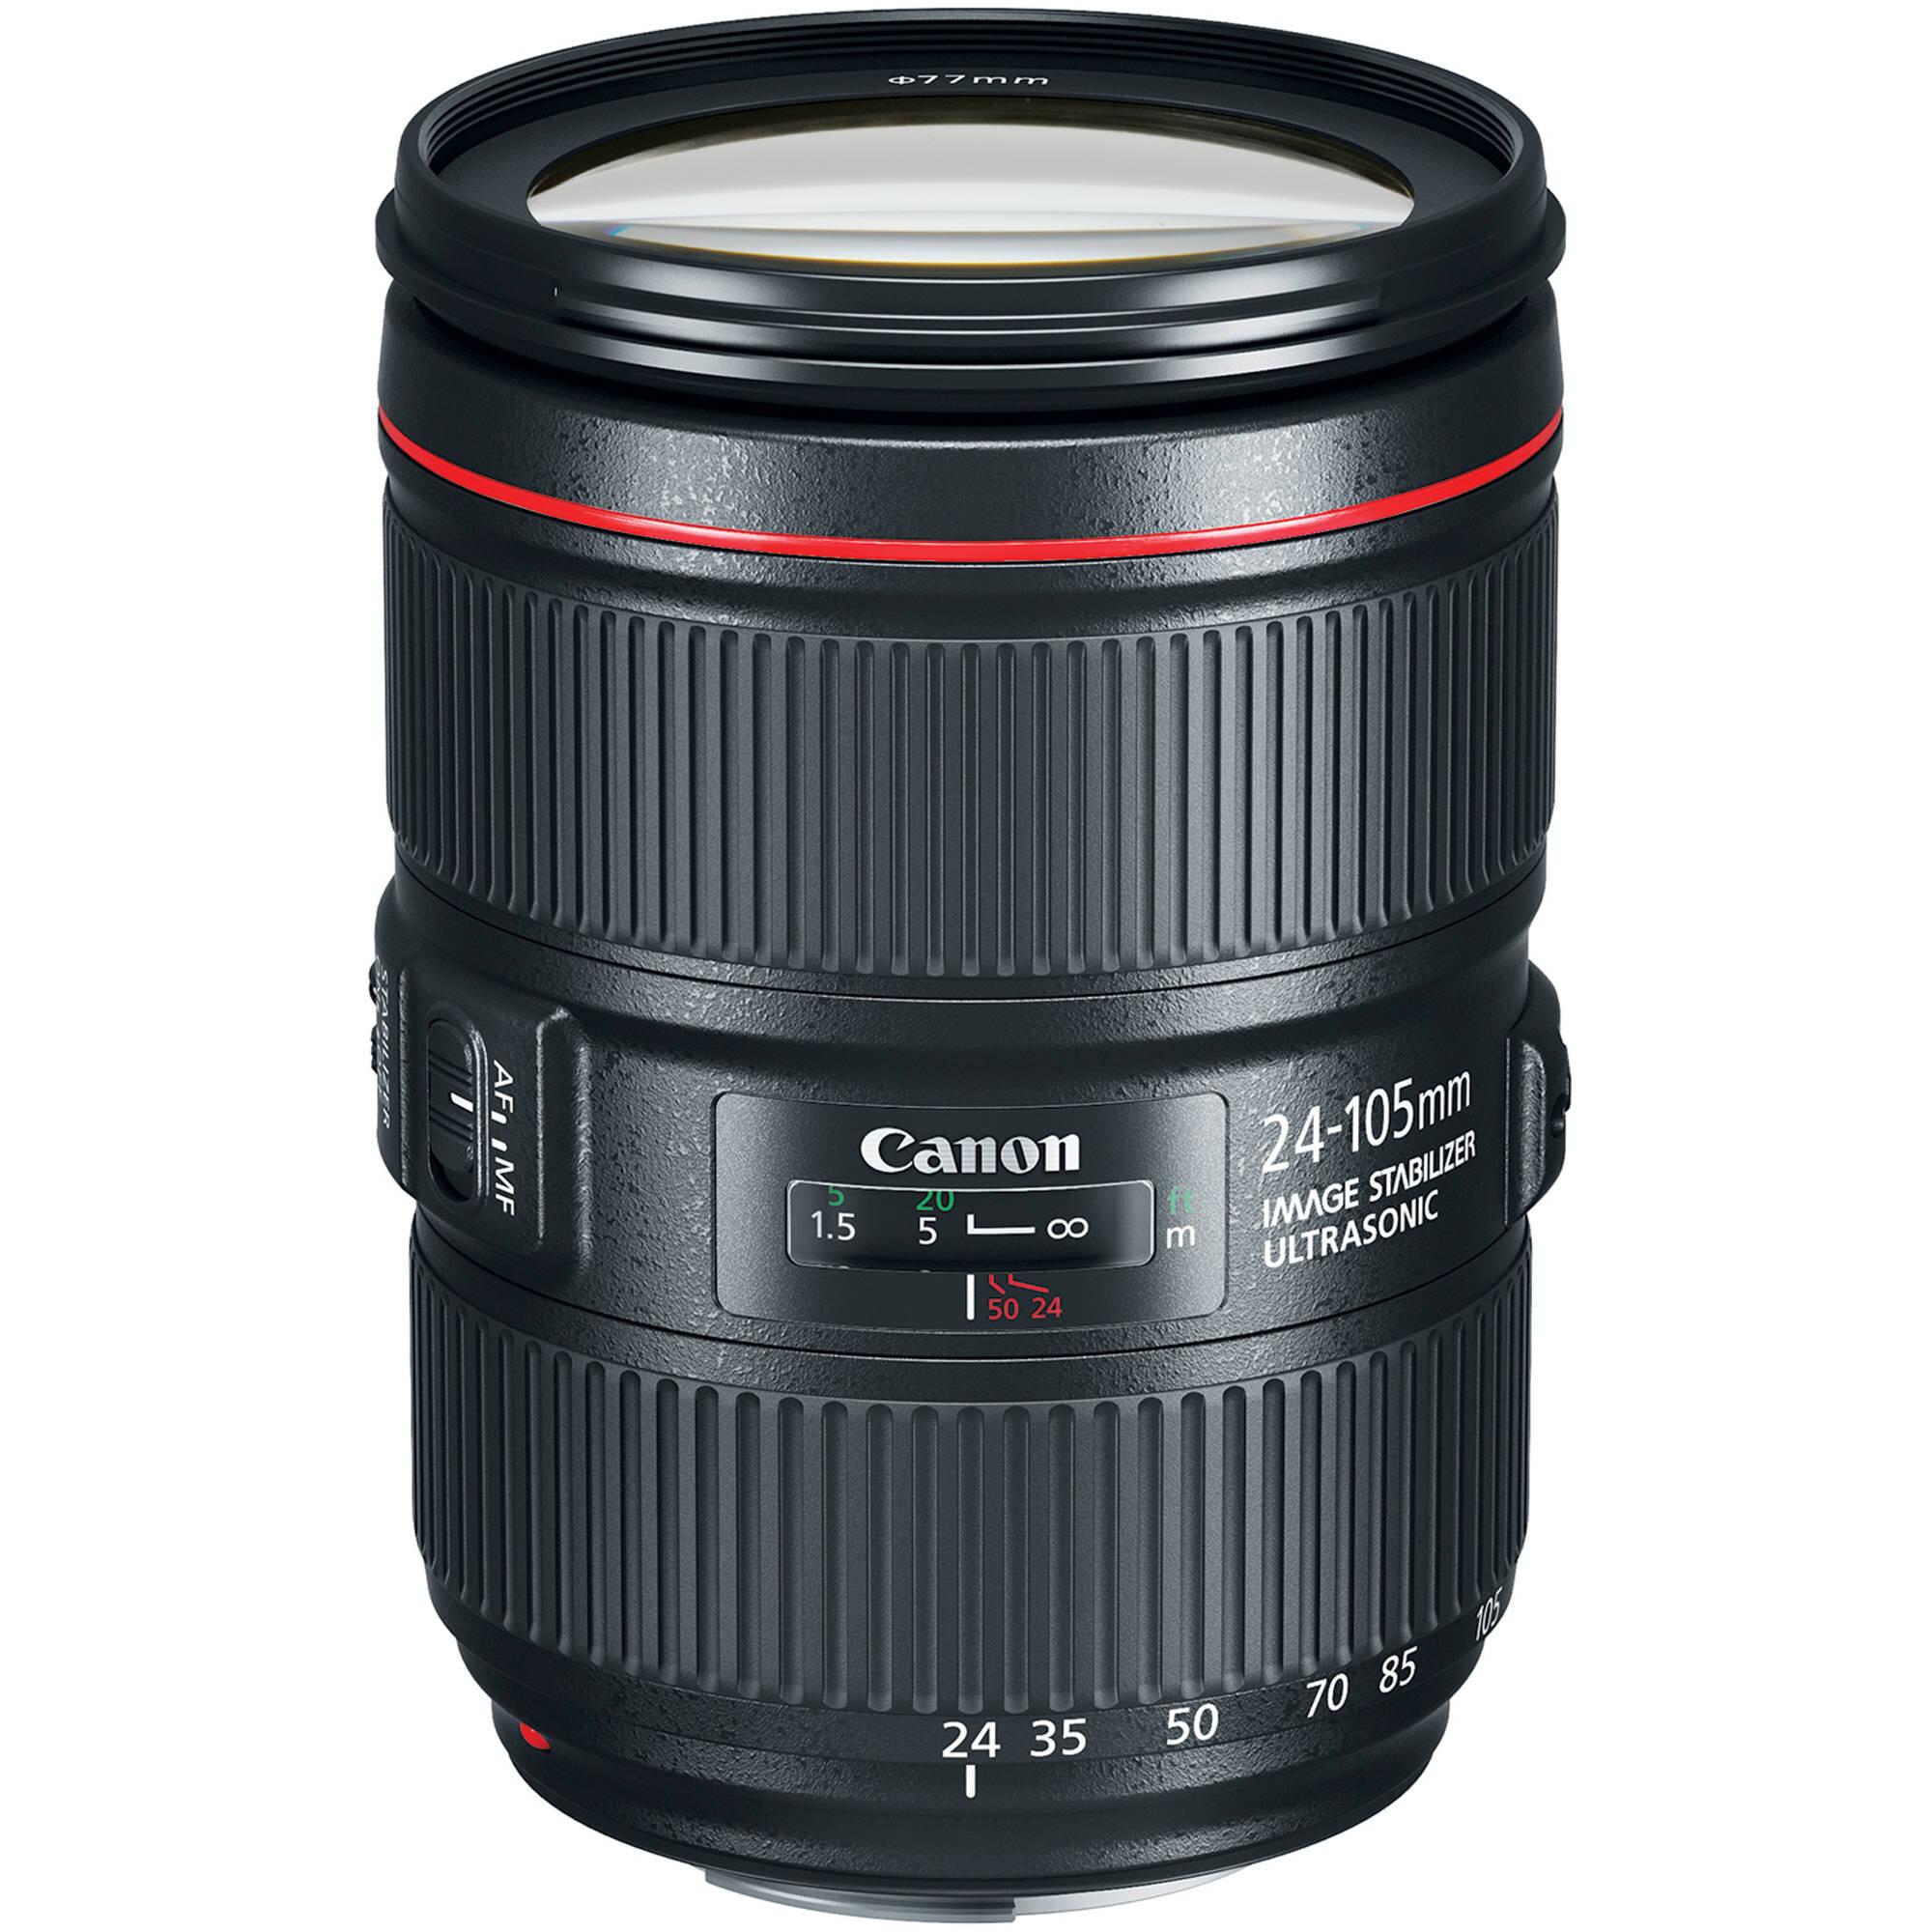 Lente Canon 24-105mm f/4 IS II   $ 400 pesos por día.